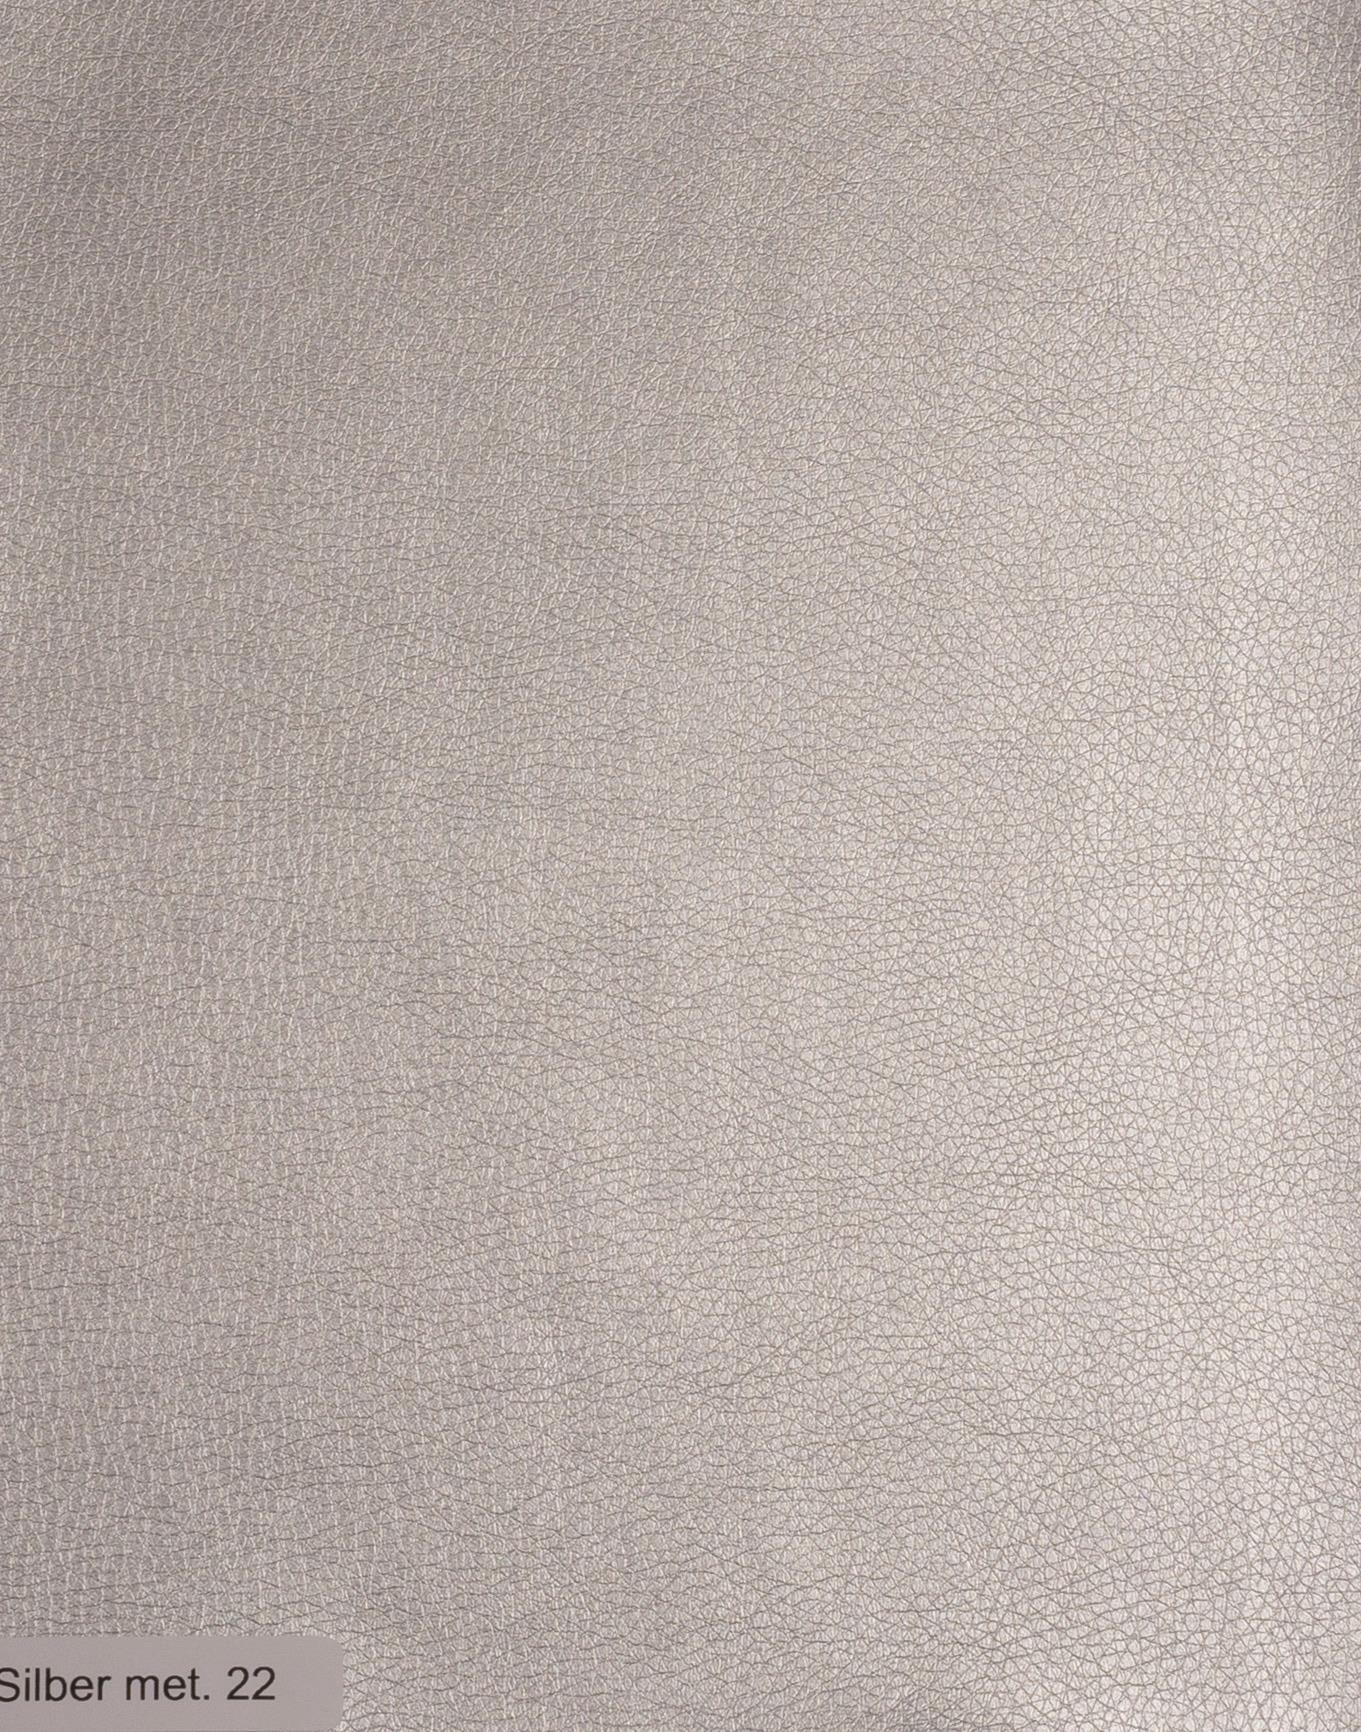 013A-022_Silber_metallic